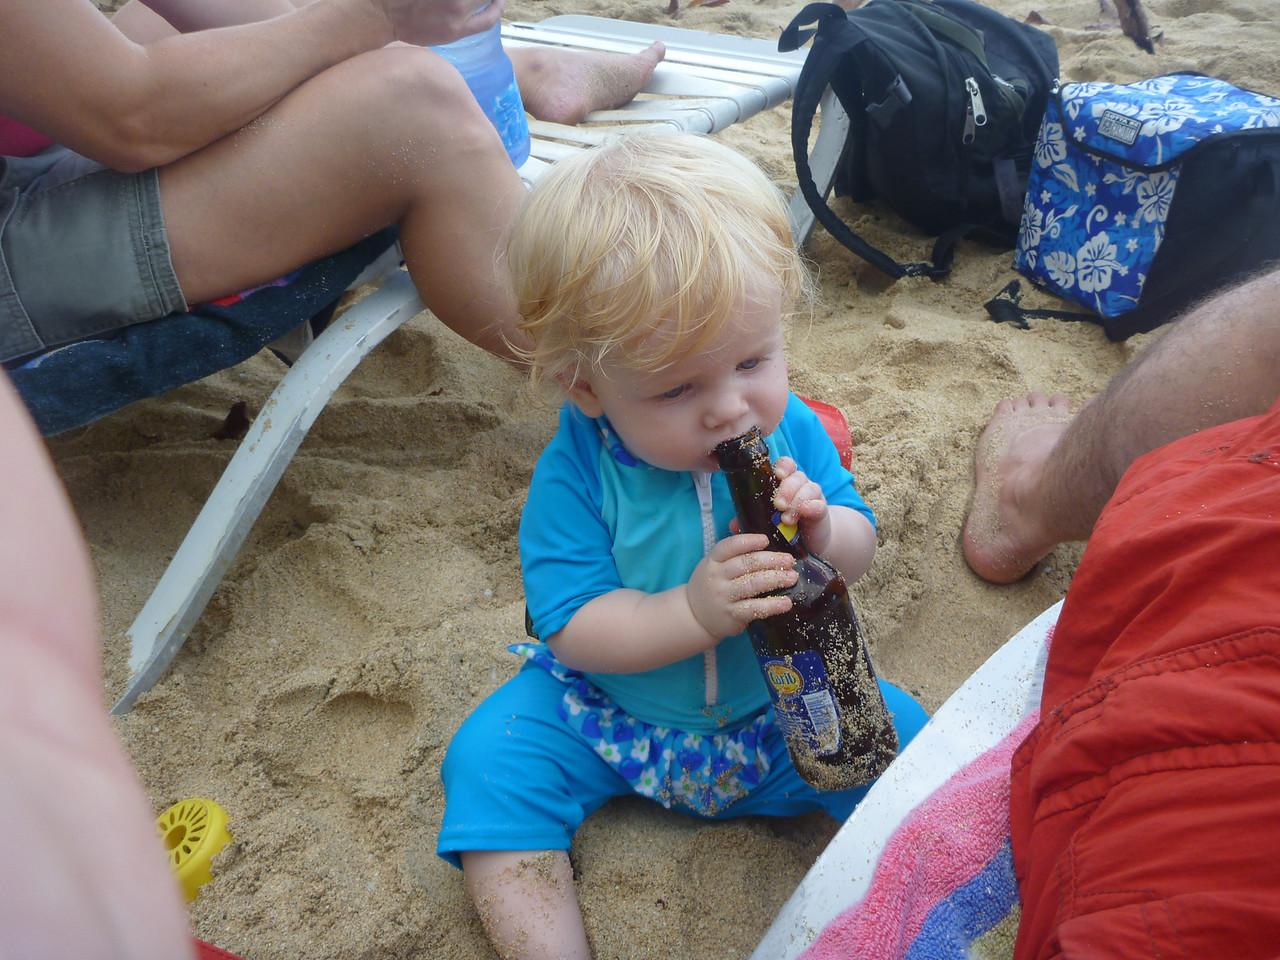 yep, she's Grenadian - already drinking Carib